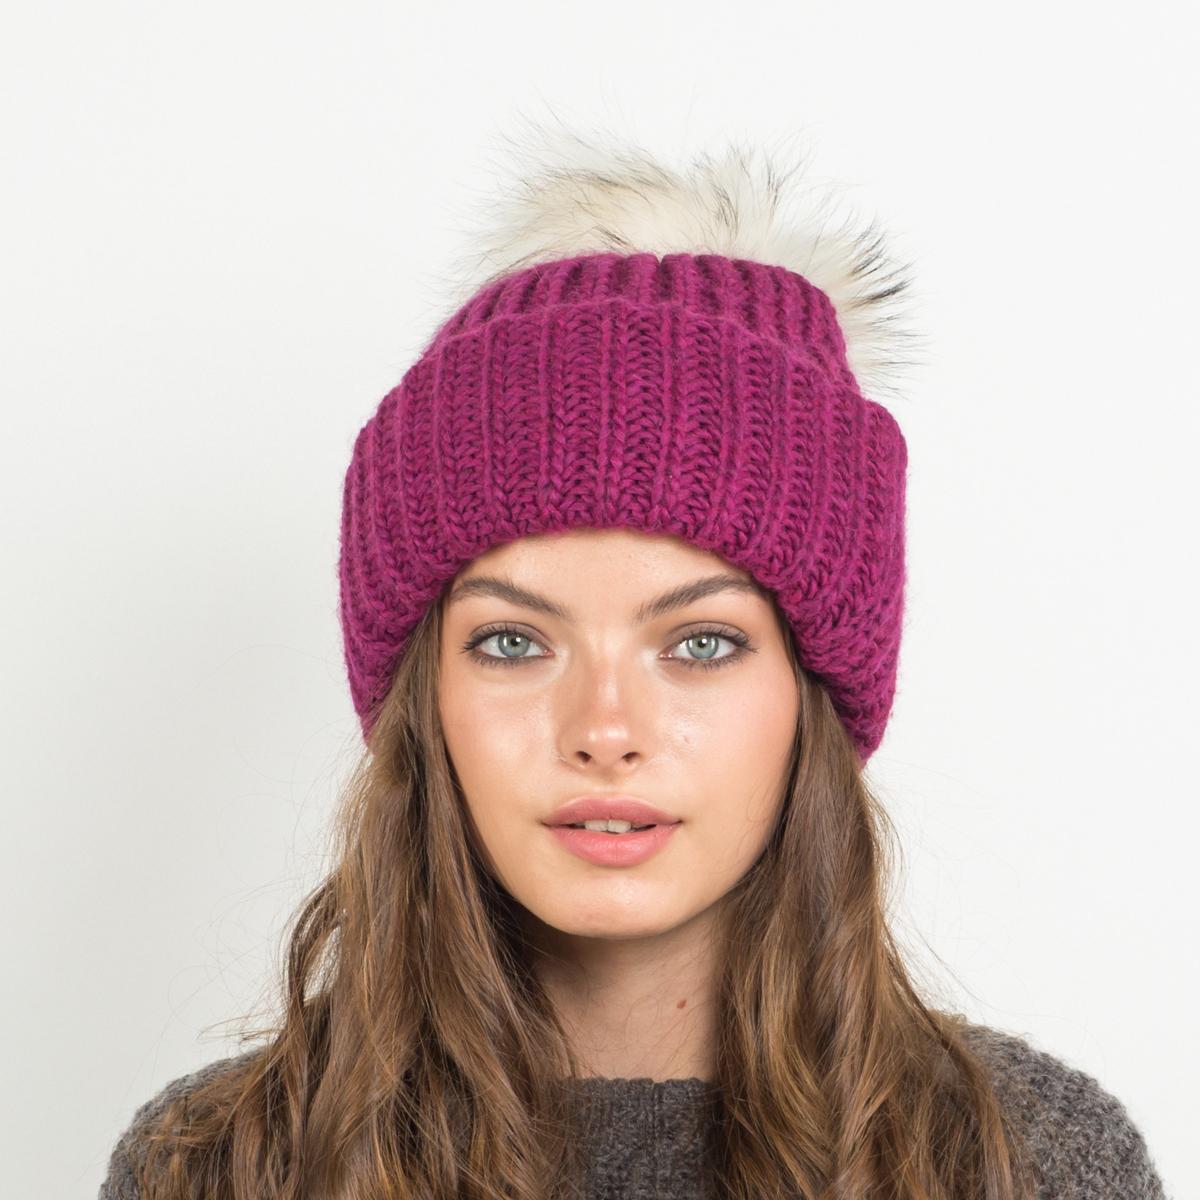 Шапка женская Flioraj, цвет: фуксия. 316/8 FJ. Размер 56/58316/8 FJТеплая шерстяная шапка от Flioraj, связанная из объемной итальянской пряжи, выполнена модной рельефной вязкой. Отлично защитит от холода. Такую шапочку можно носить с любым видом верхней одежды, достаточно только определиться с цветом. Модель дополнена меховым помпоном.